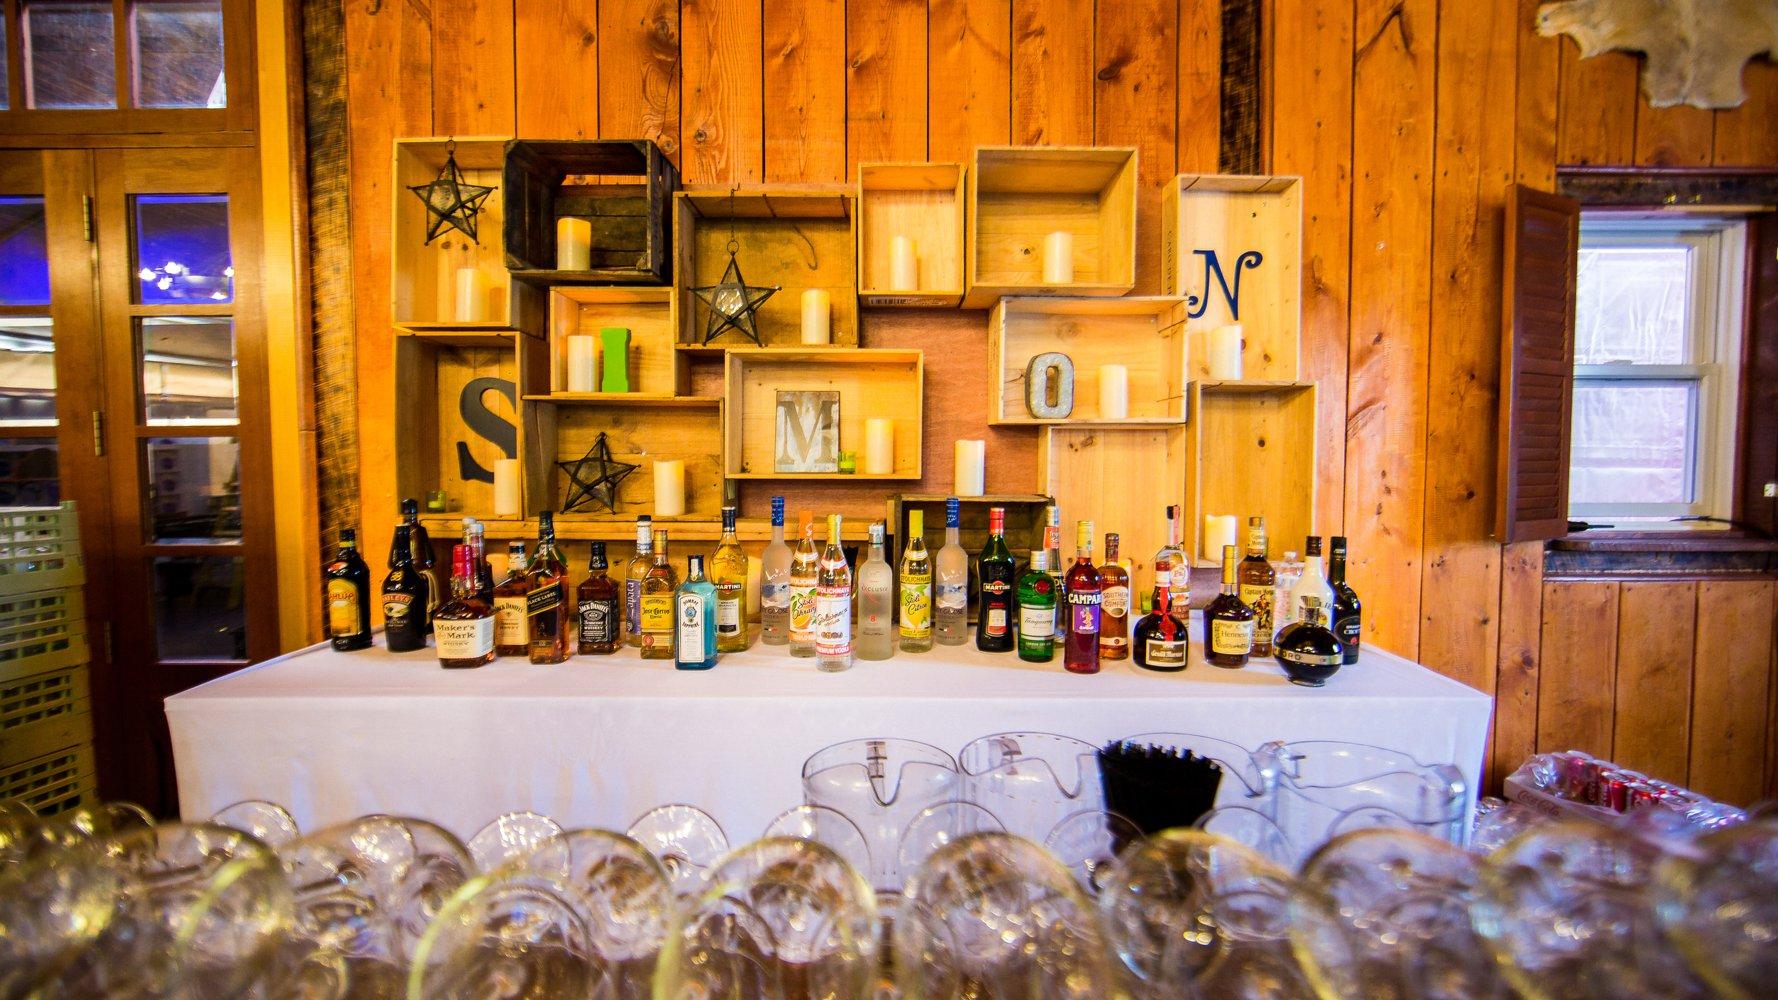 Bar Mitzvah adult bar rustic setup